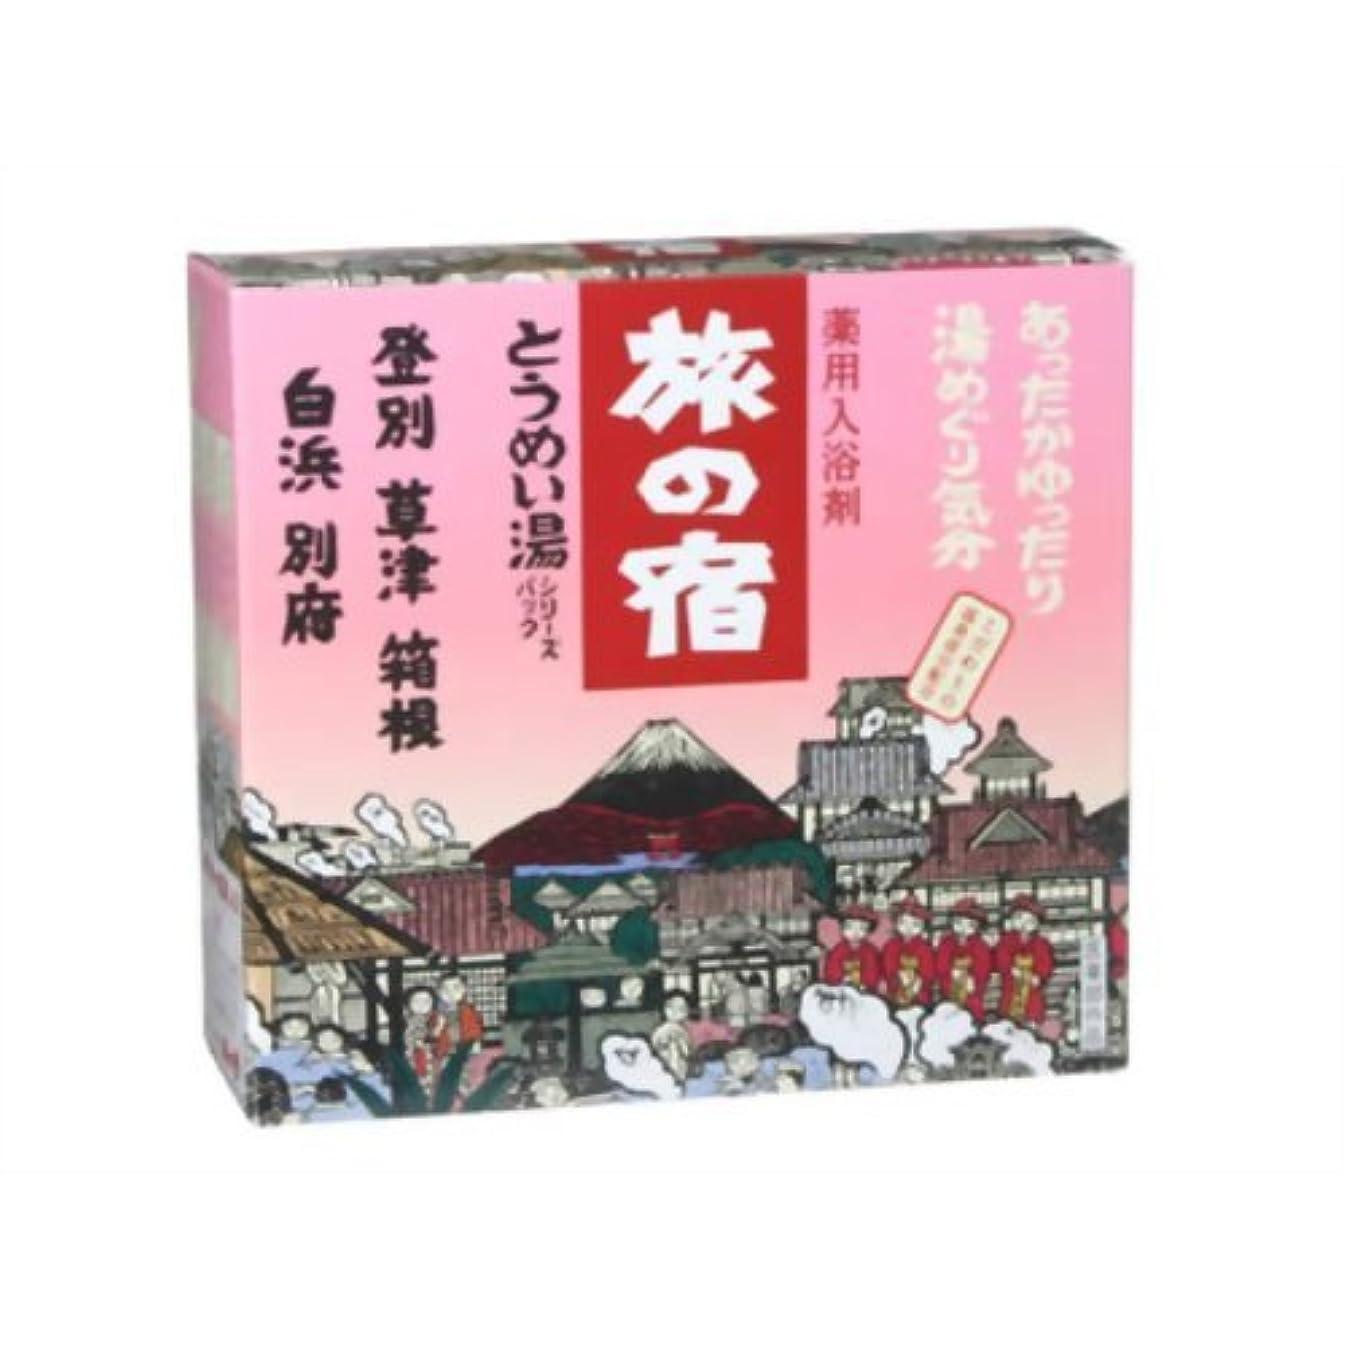 ピット辛い乙女旅の宿 とうめい湯シリーズパック 25g×15包入